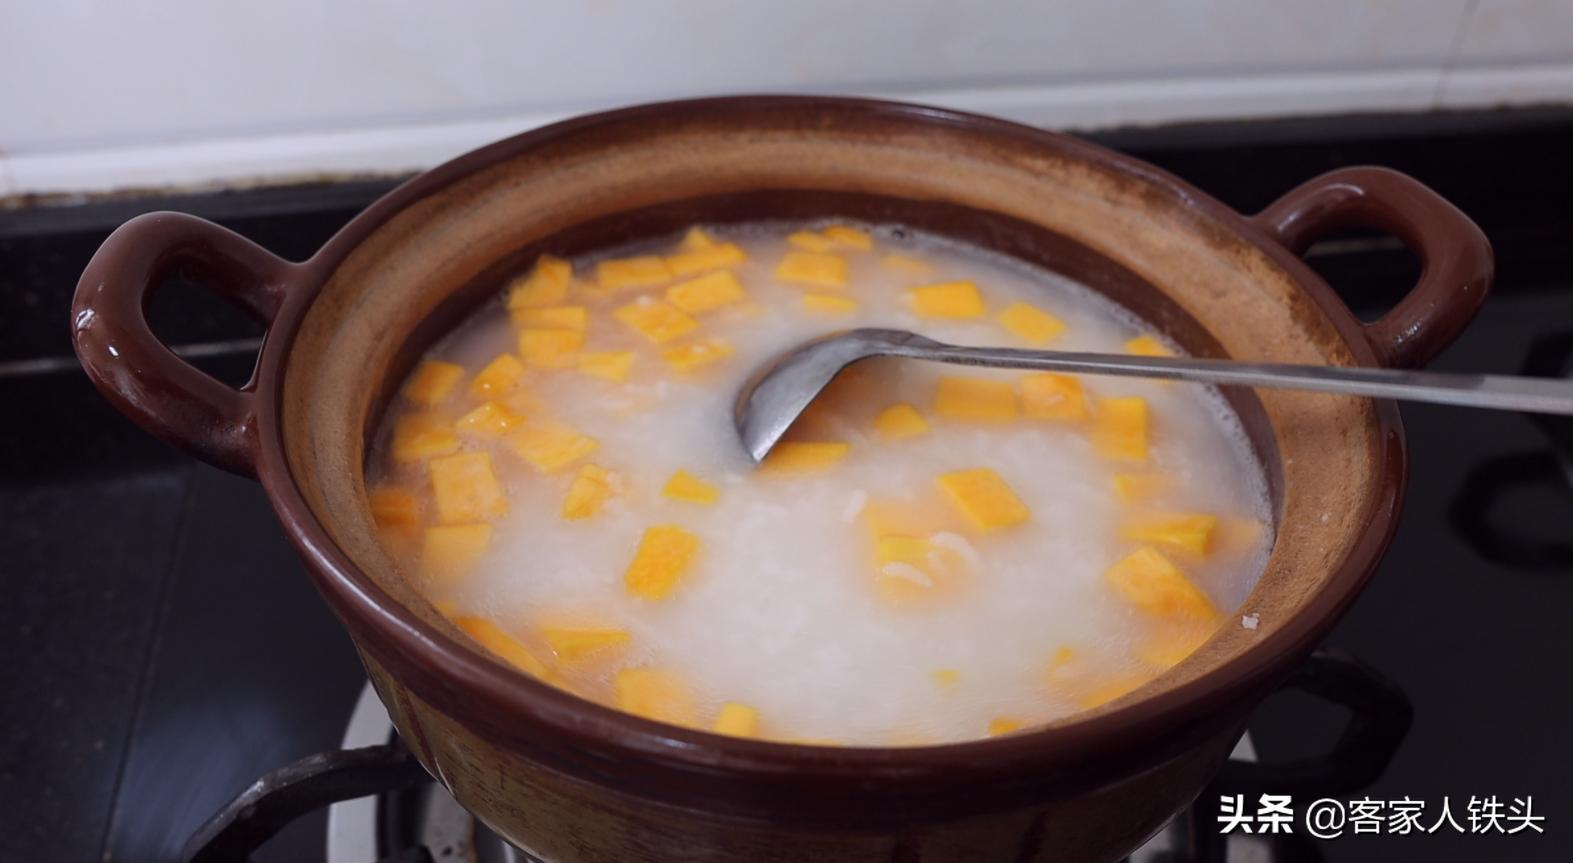 春季早餐吃這一鍋,廣東人百吃不膩,食材簡單營養好,孩子很愛吃